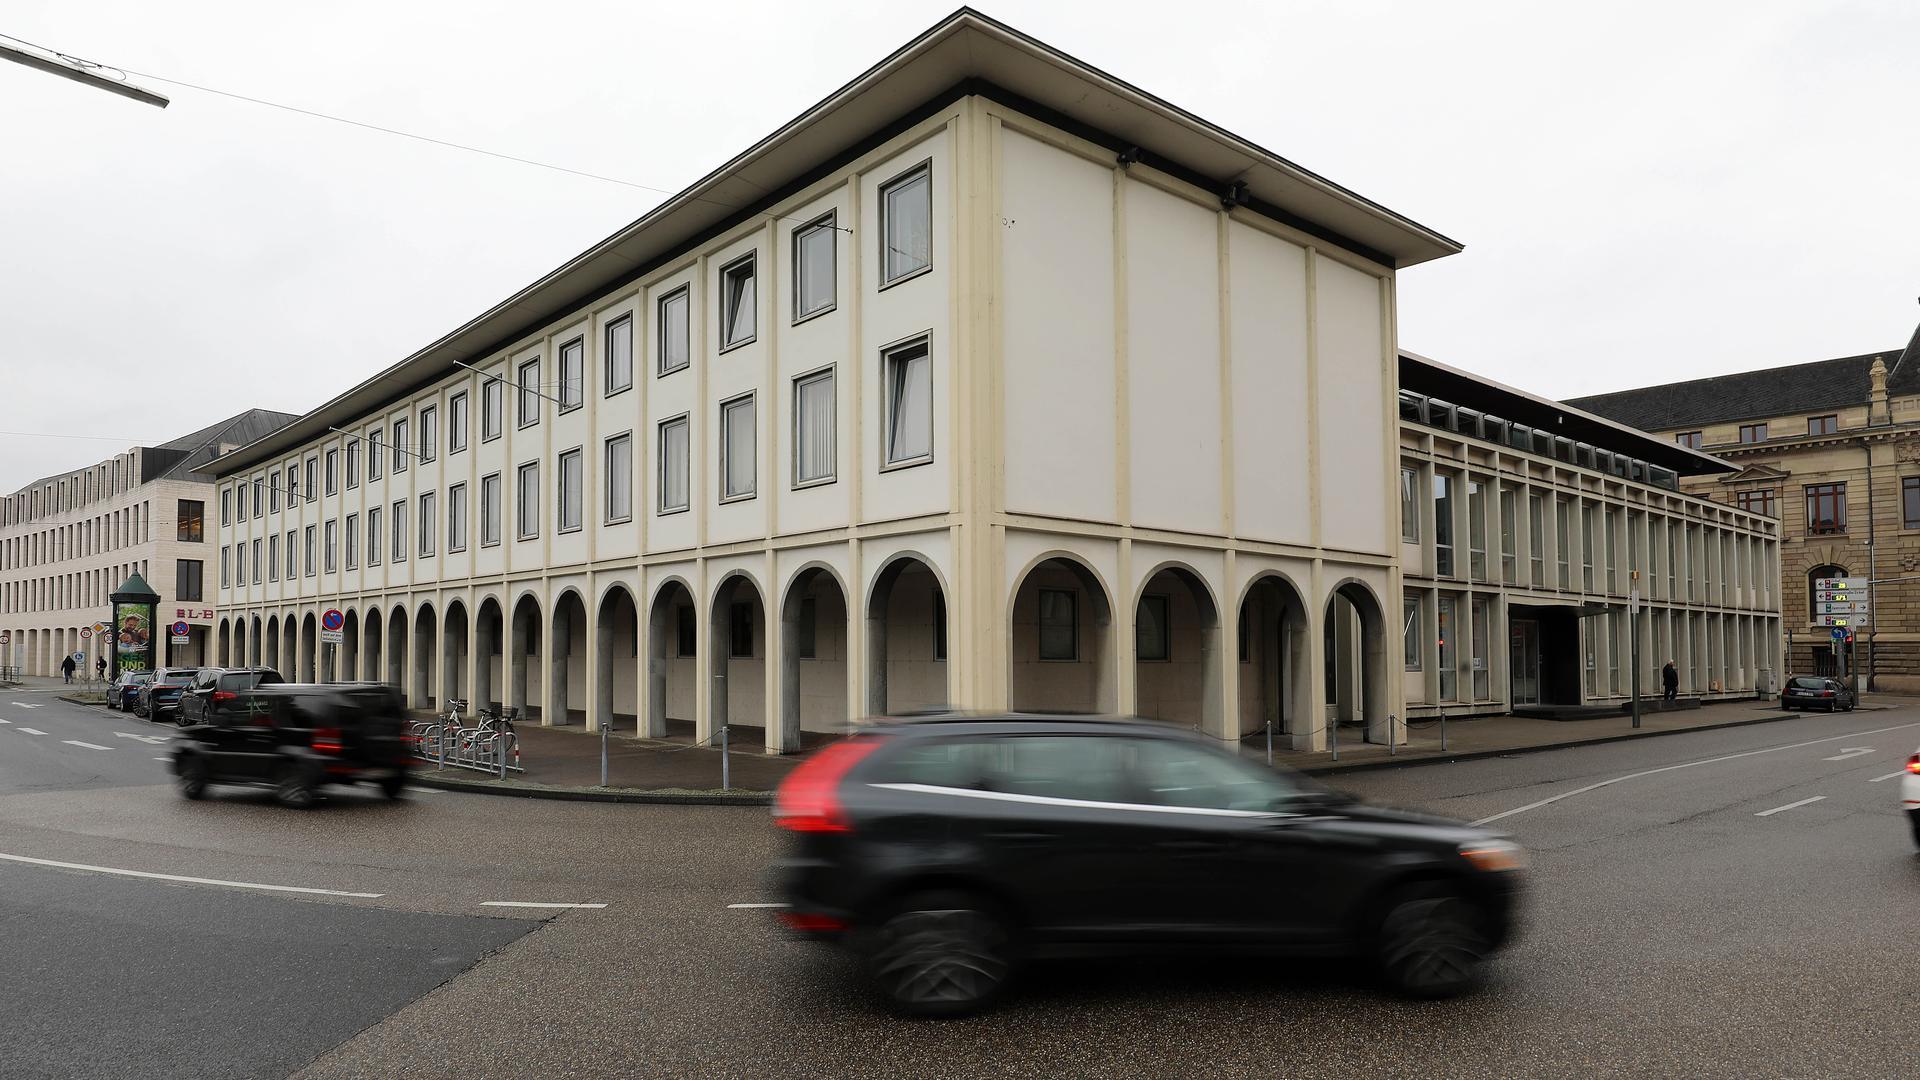 Vergewaltigungsprozess: Am Amtsgericht Karlsruhe muss sich ein Künstler des Badischen Staatstheaters wegen mutmaßlicher sexueller Übergriffe verantworten.